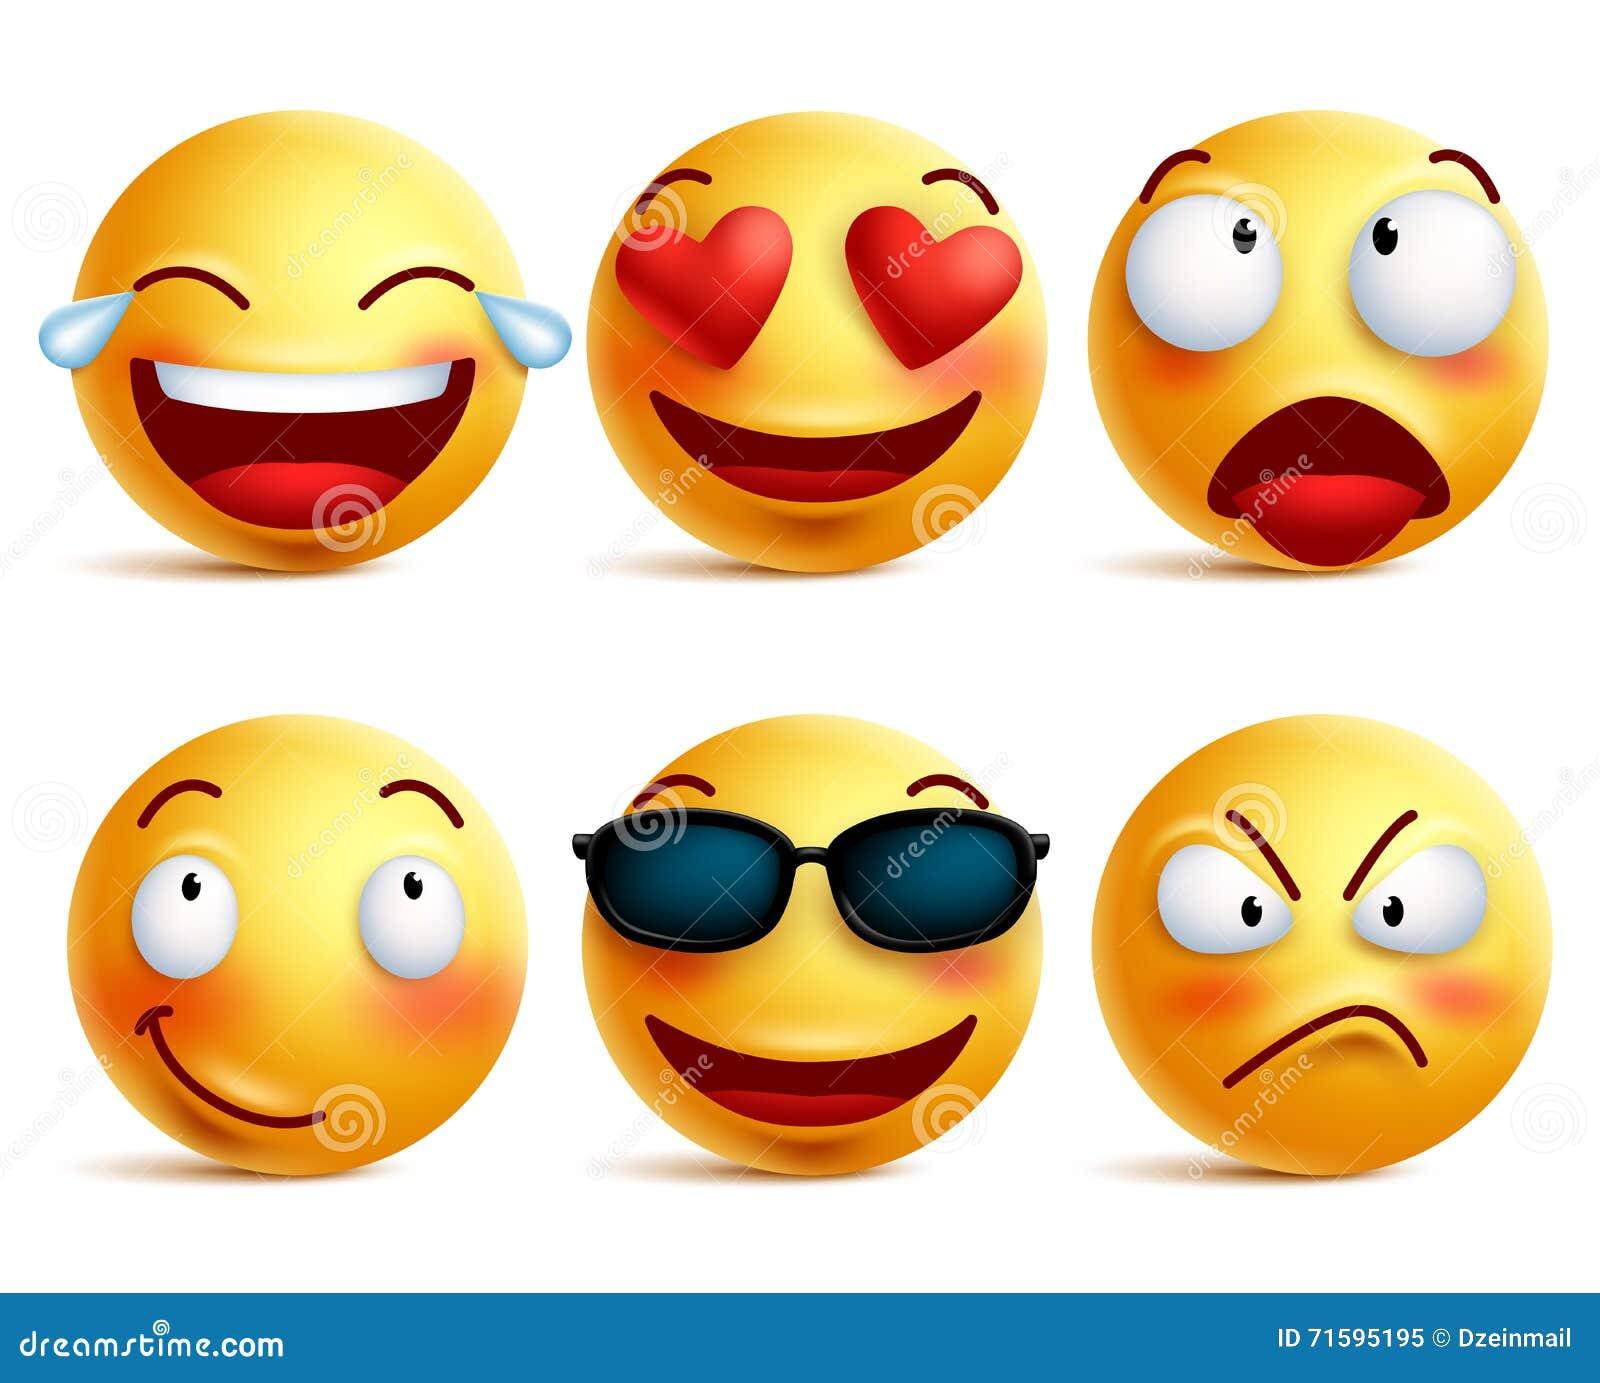 Значки стороны Smiley или желтые смайлики с эмоциональными смешными сторонами